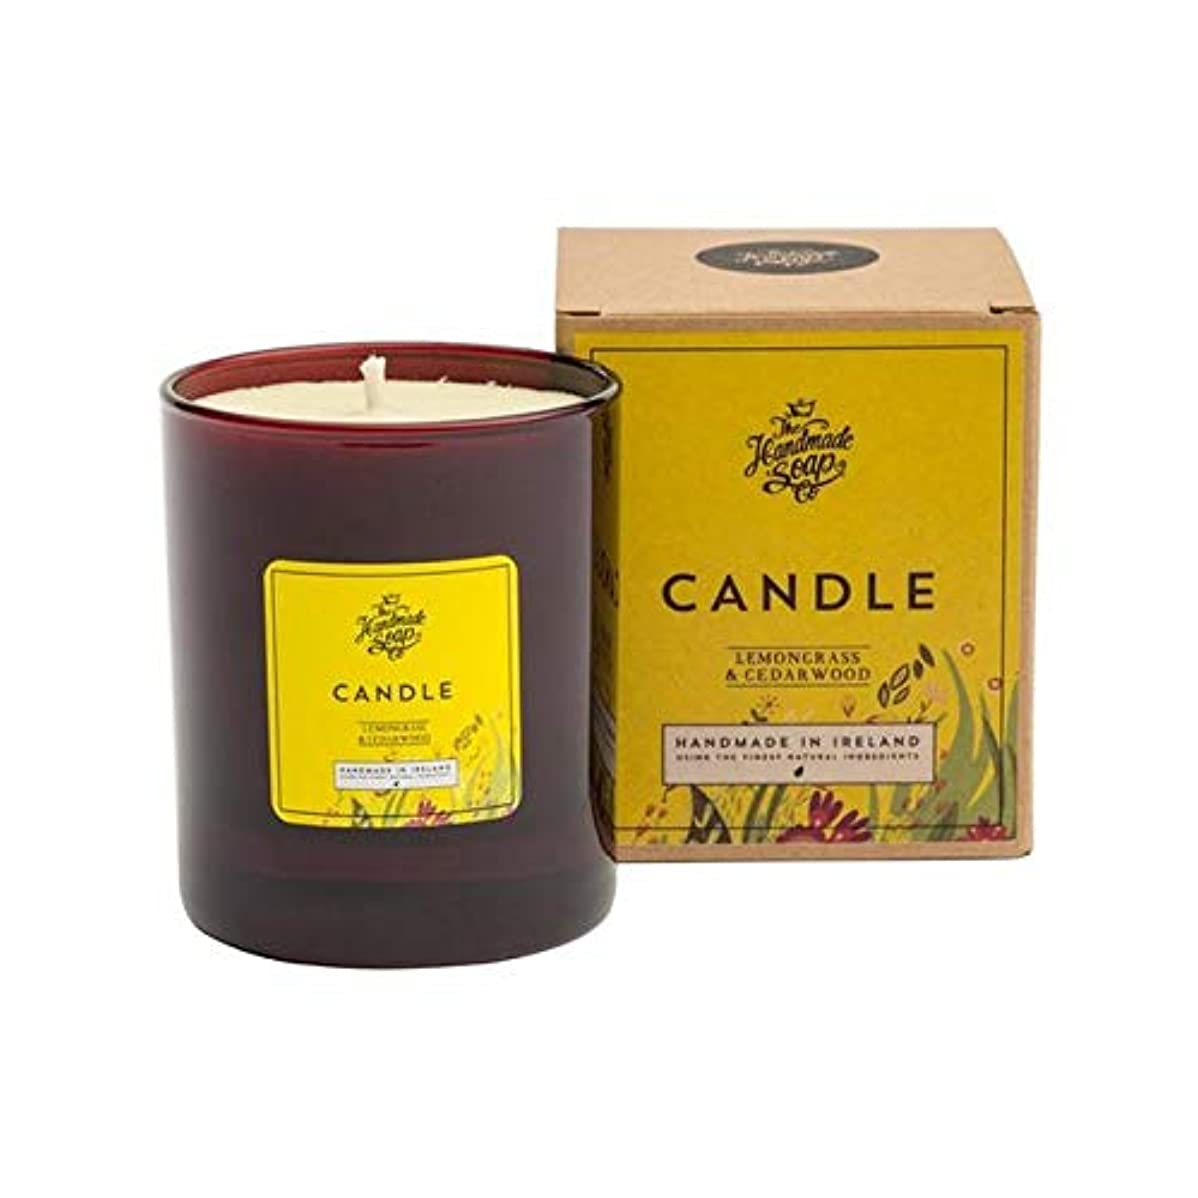 断線恐れるこしょう[The Handmade Soap Company ] 手作り石鹸の共同レモングラス&シダーウッドキャンドル180グラム - The Handmade Soap Co Lemongrass & Cedarwood Candle...